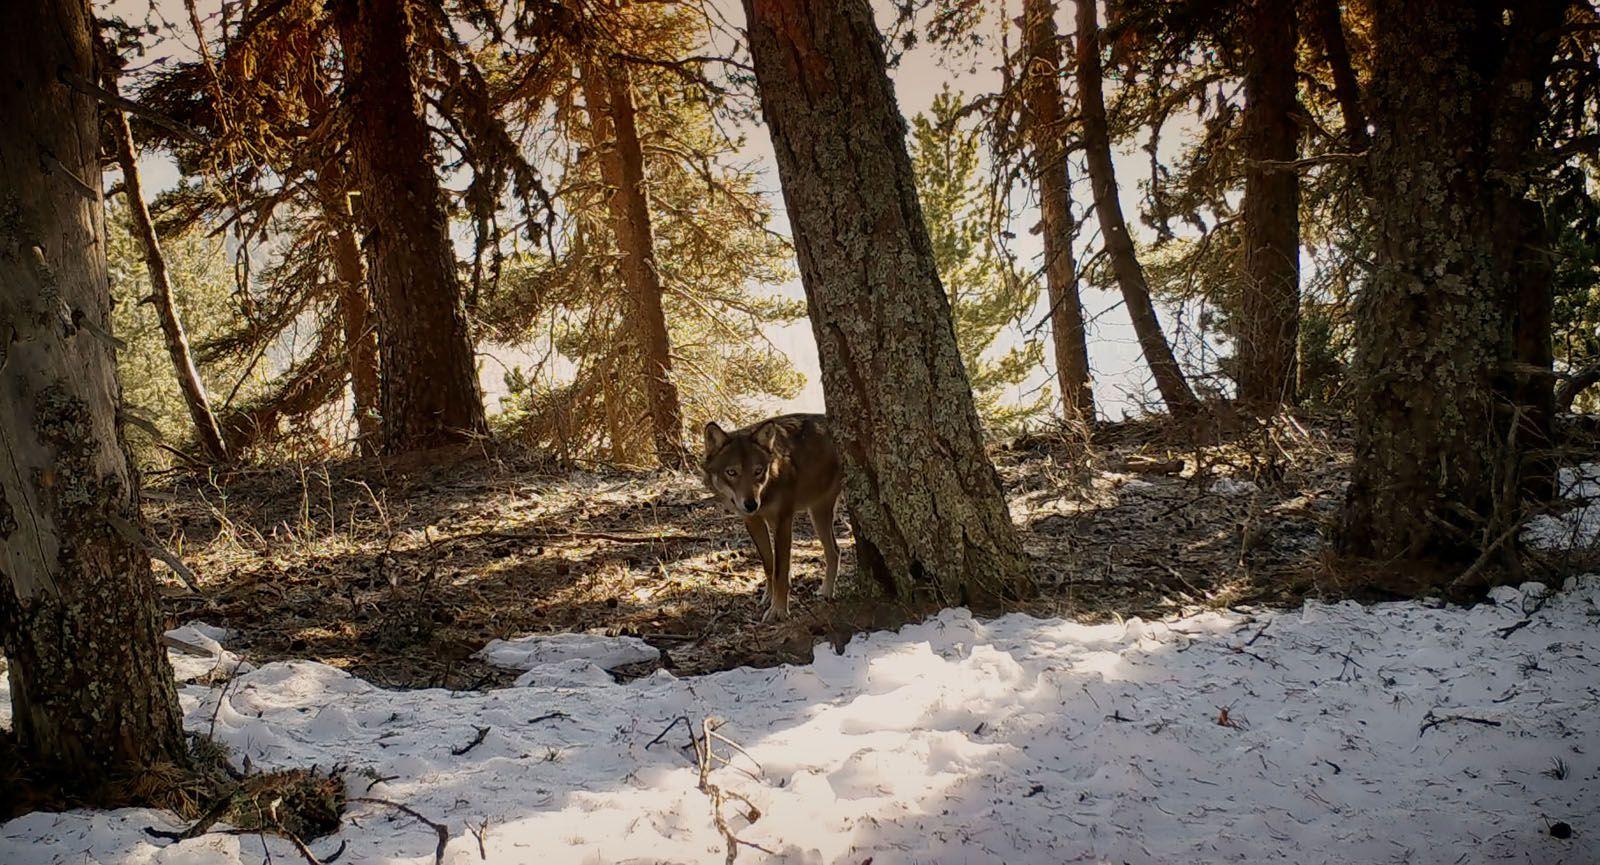 Marche avec les loups (BANDE-ANNONCE) Documentaire de Jean-Michel Bertrand - Le 15 janvier 2020 au cinéma